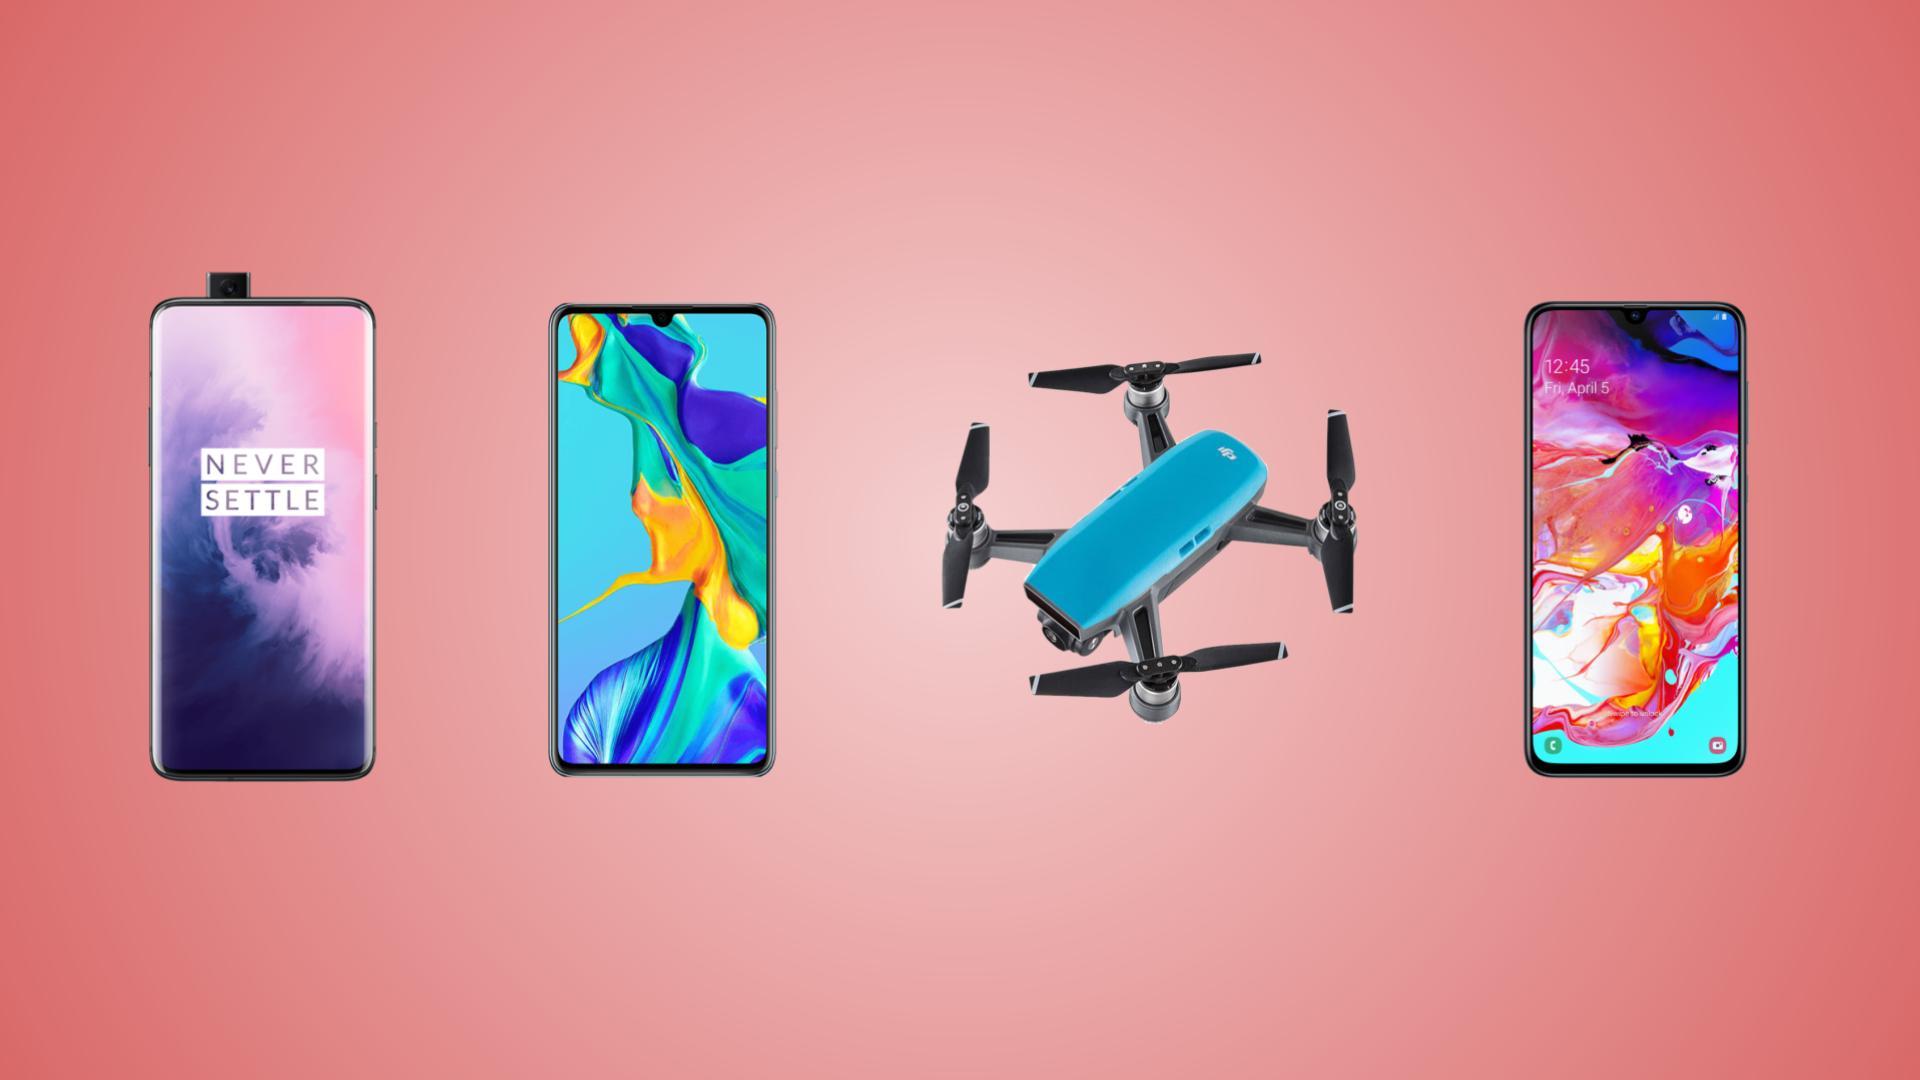 Le OnePlus 7 Pro à 579,99 euros et le Huawei P30 à 469,99 euros chez Rakuten aujourd'hui !